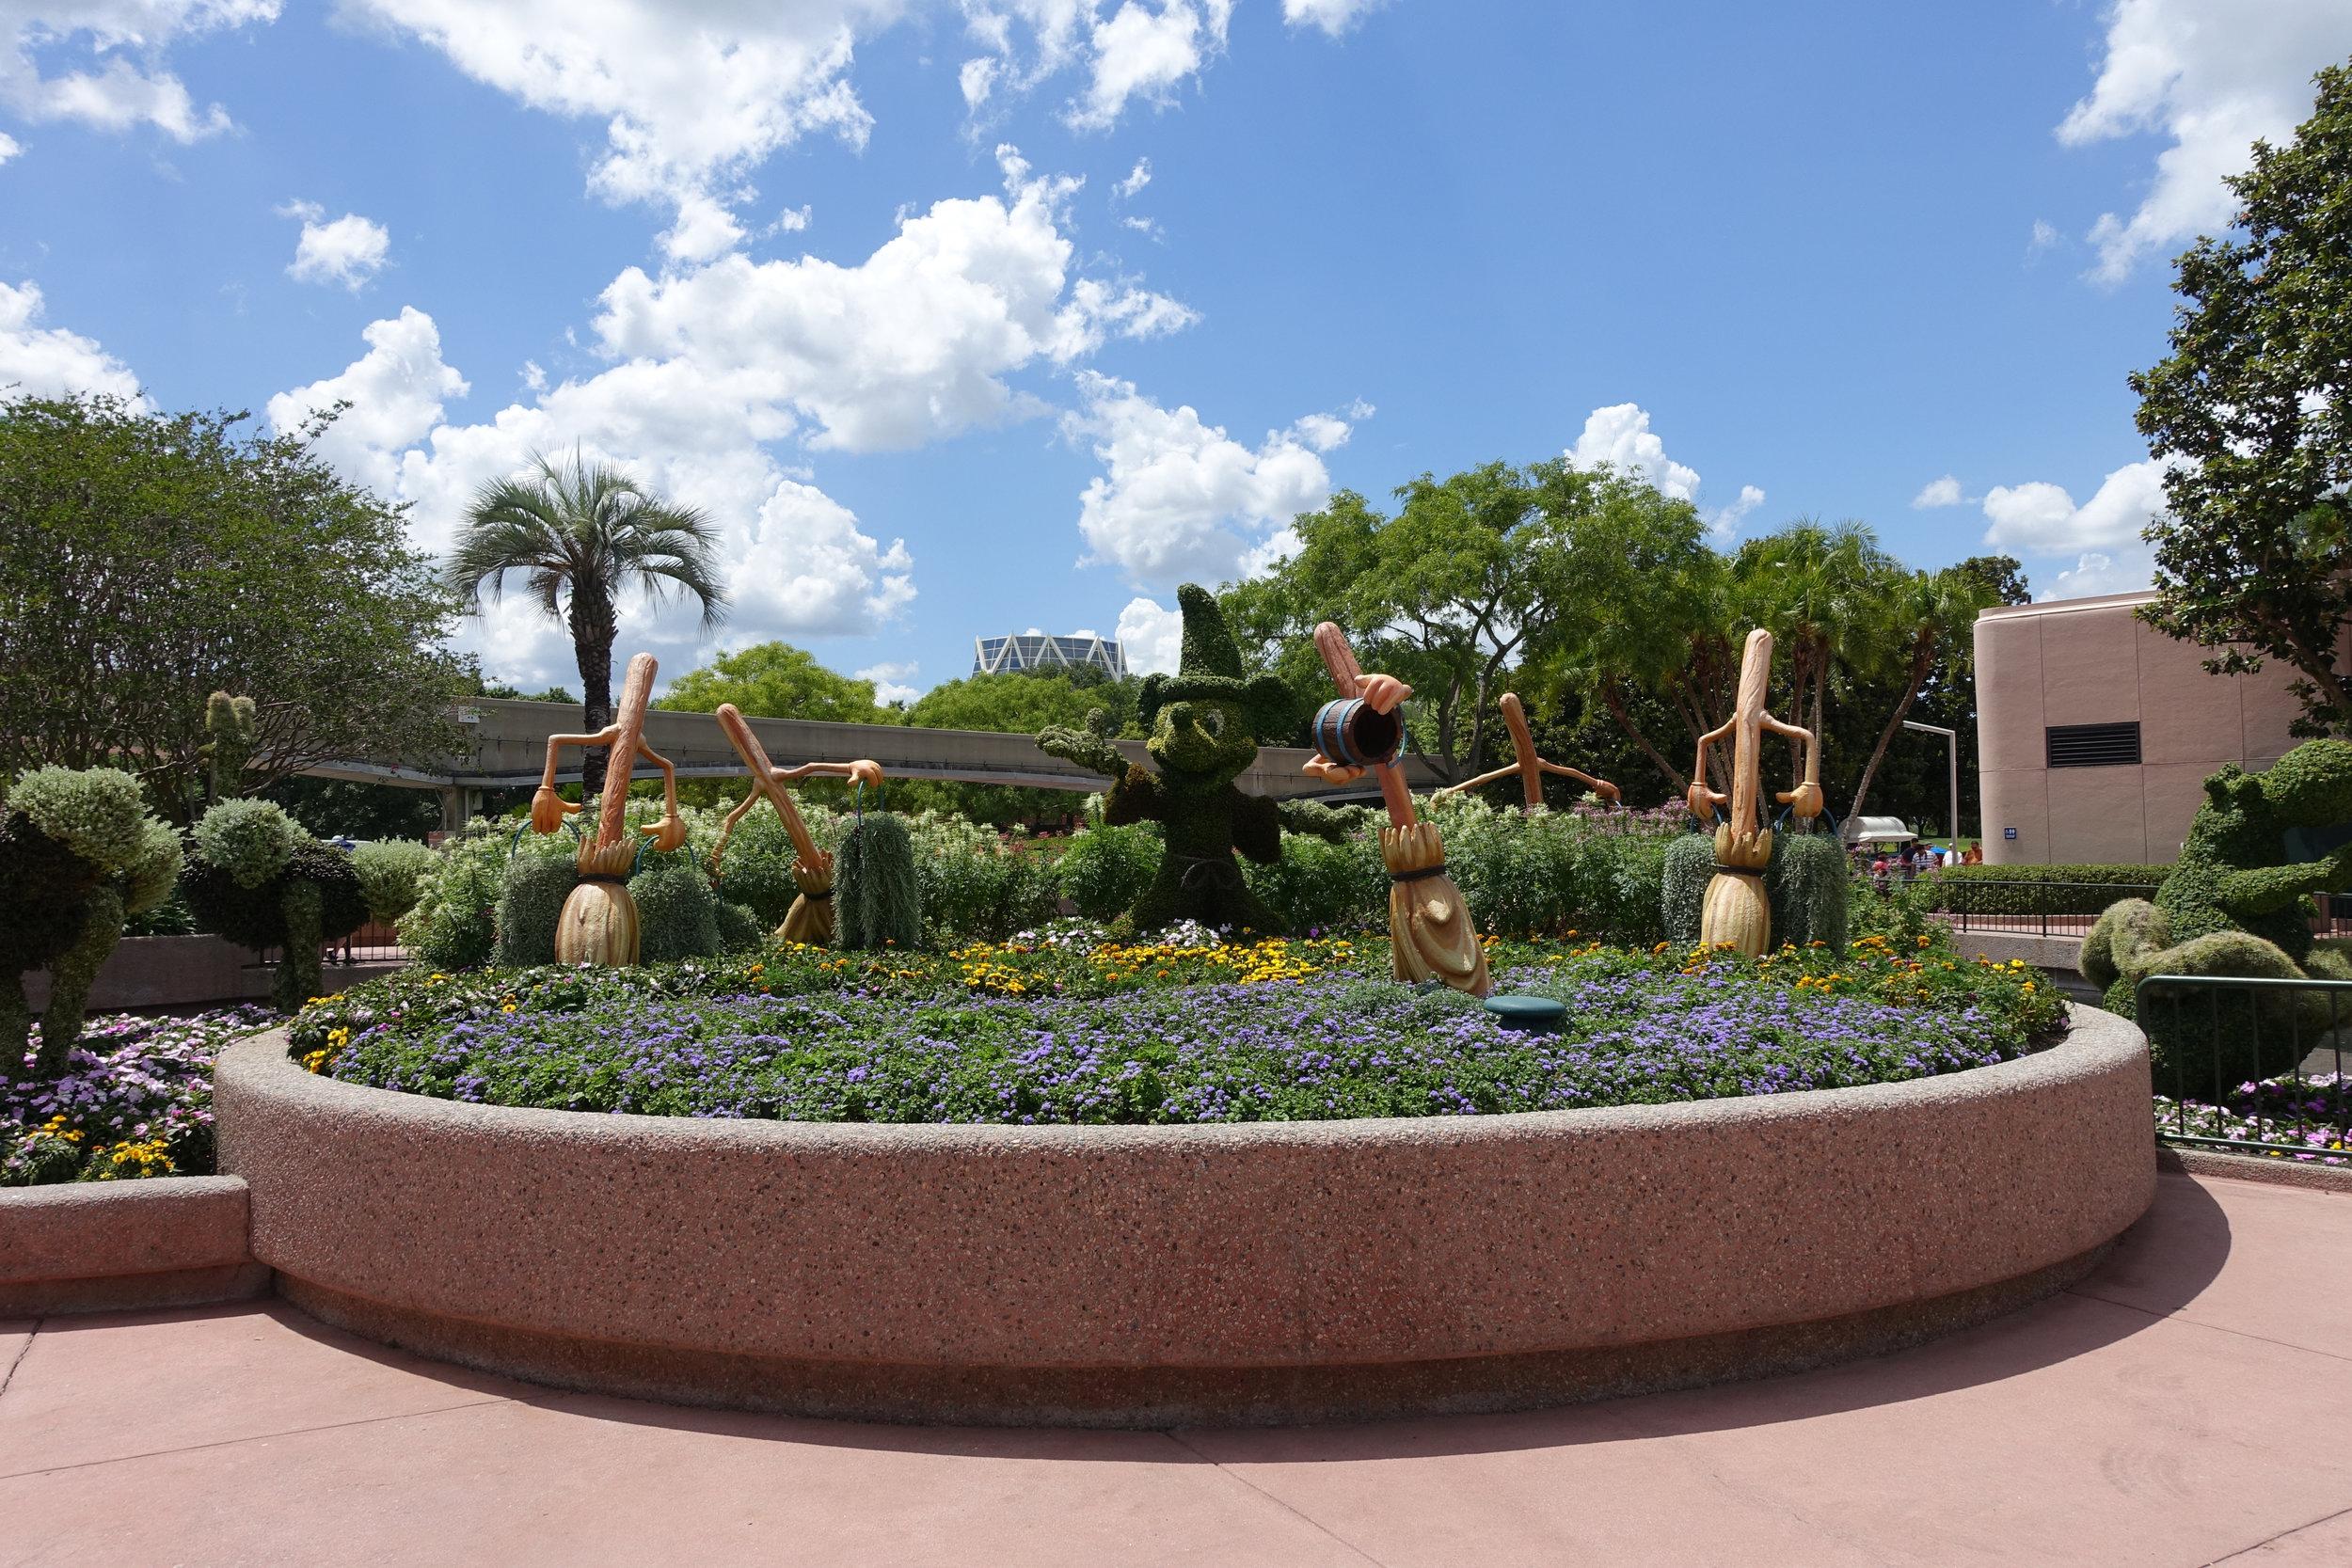 Sorceror Mickey topiary from Fantasia.